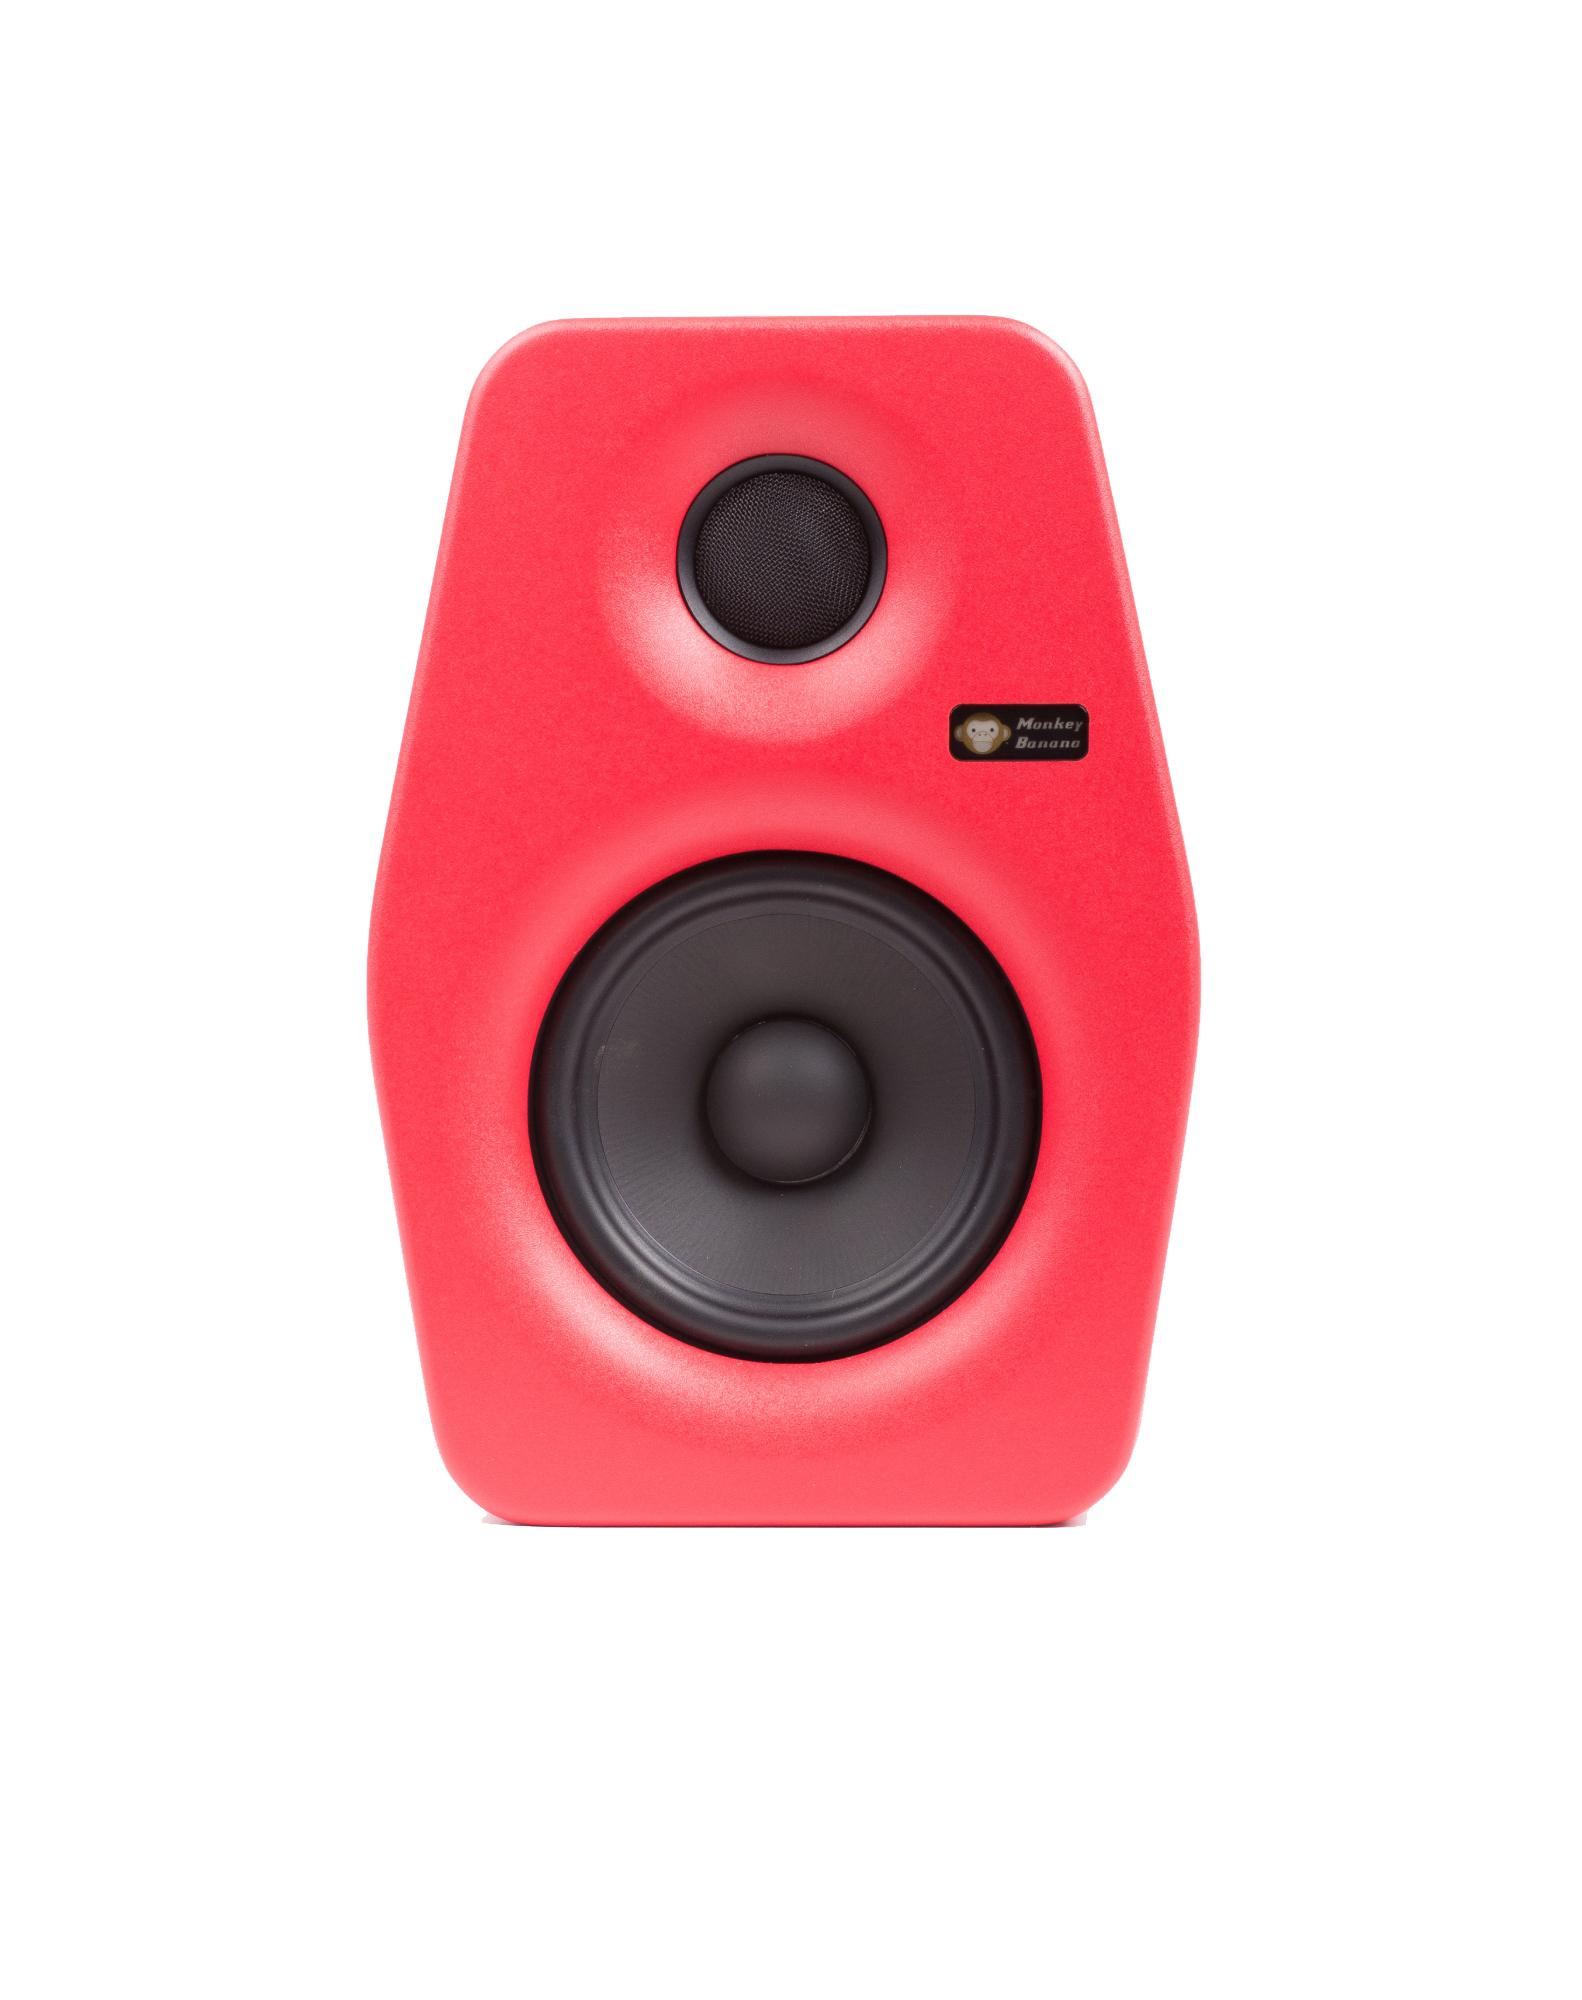 Billede af Monkey Banana Turbo 5 studie monitor, rød